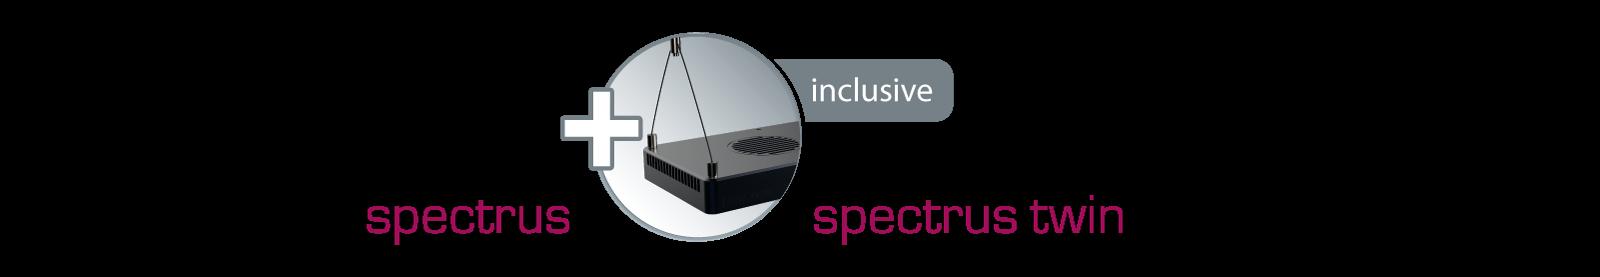 Aqua Medic spectrus 24